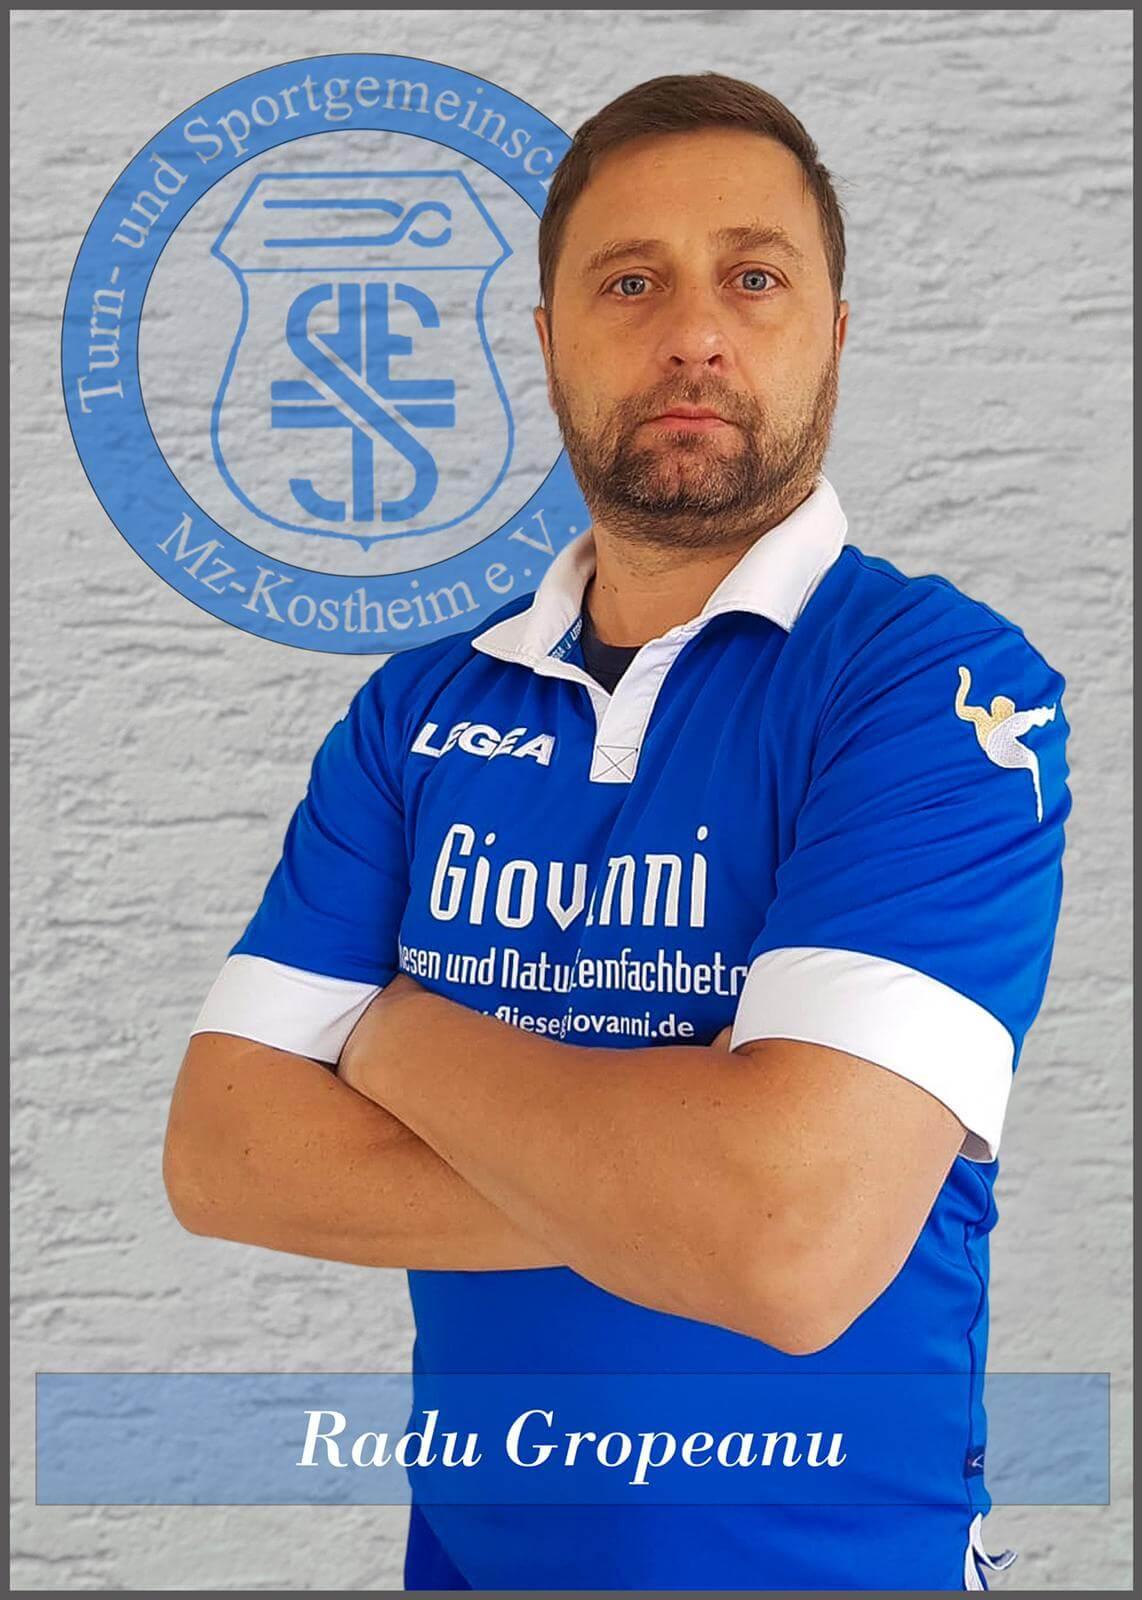 Radu Gropeanu